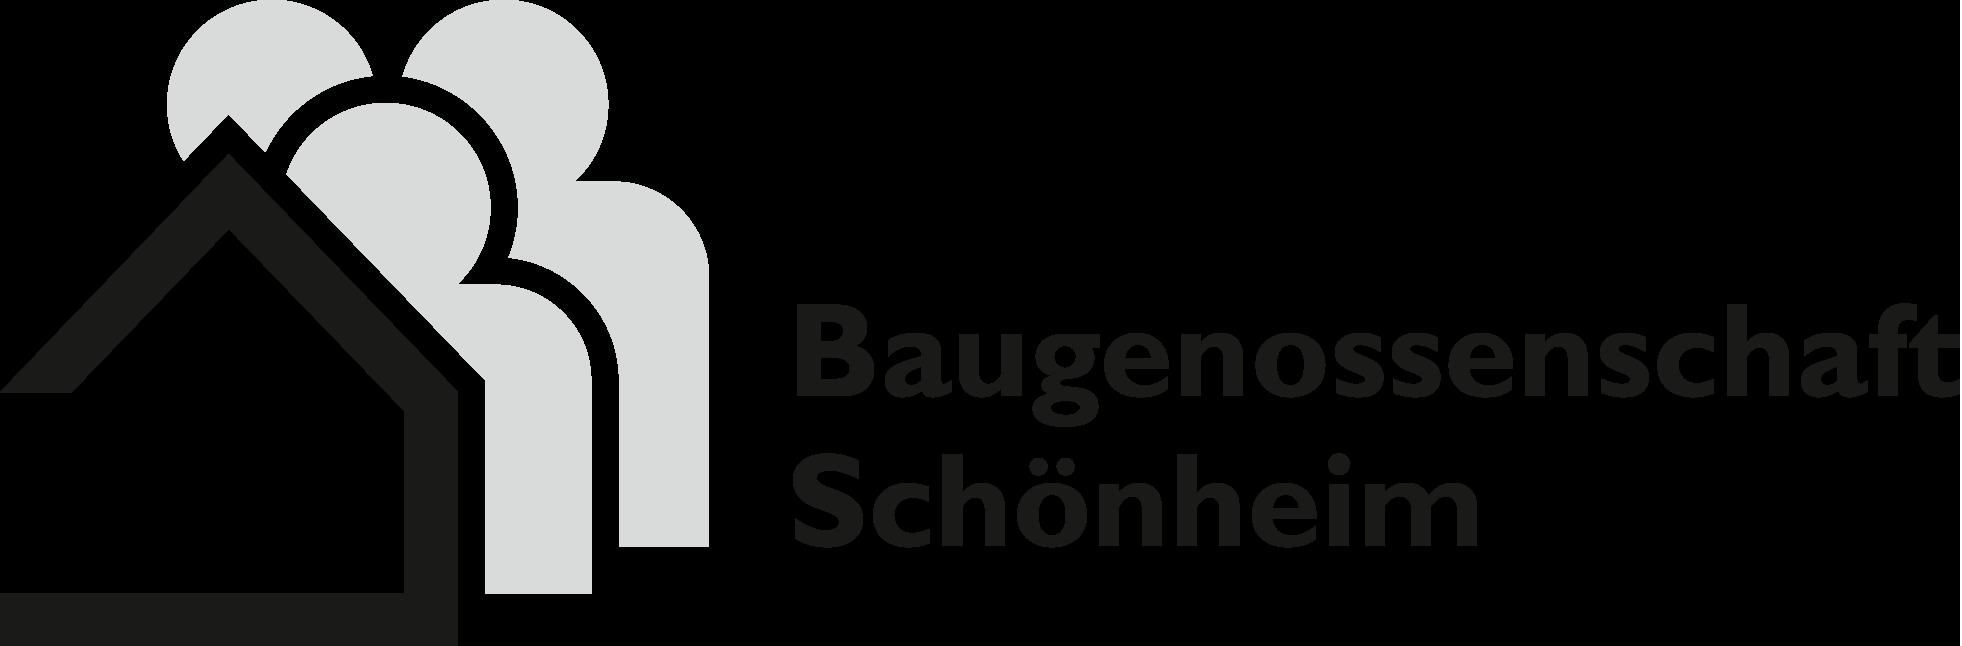 Baugenossenschaft Schönheim